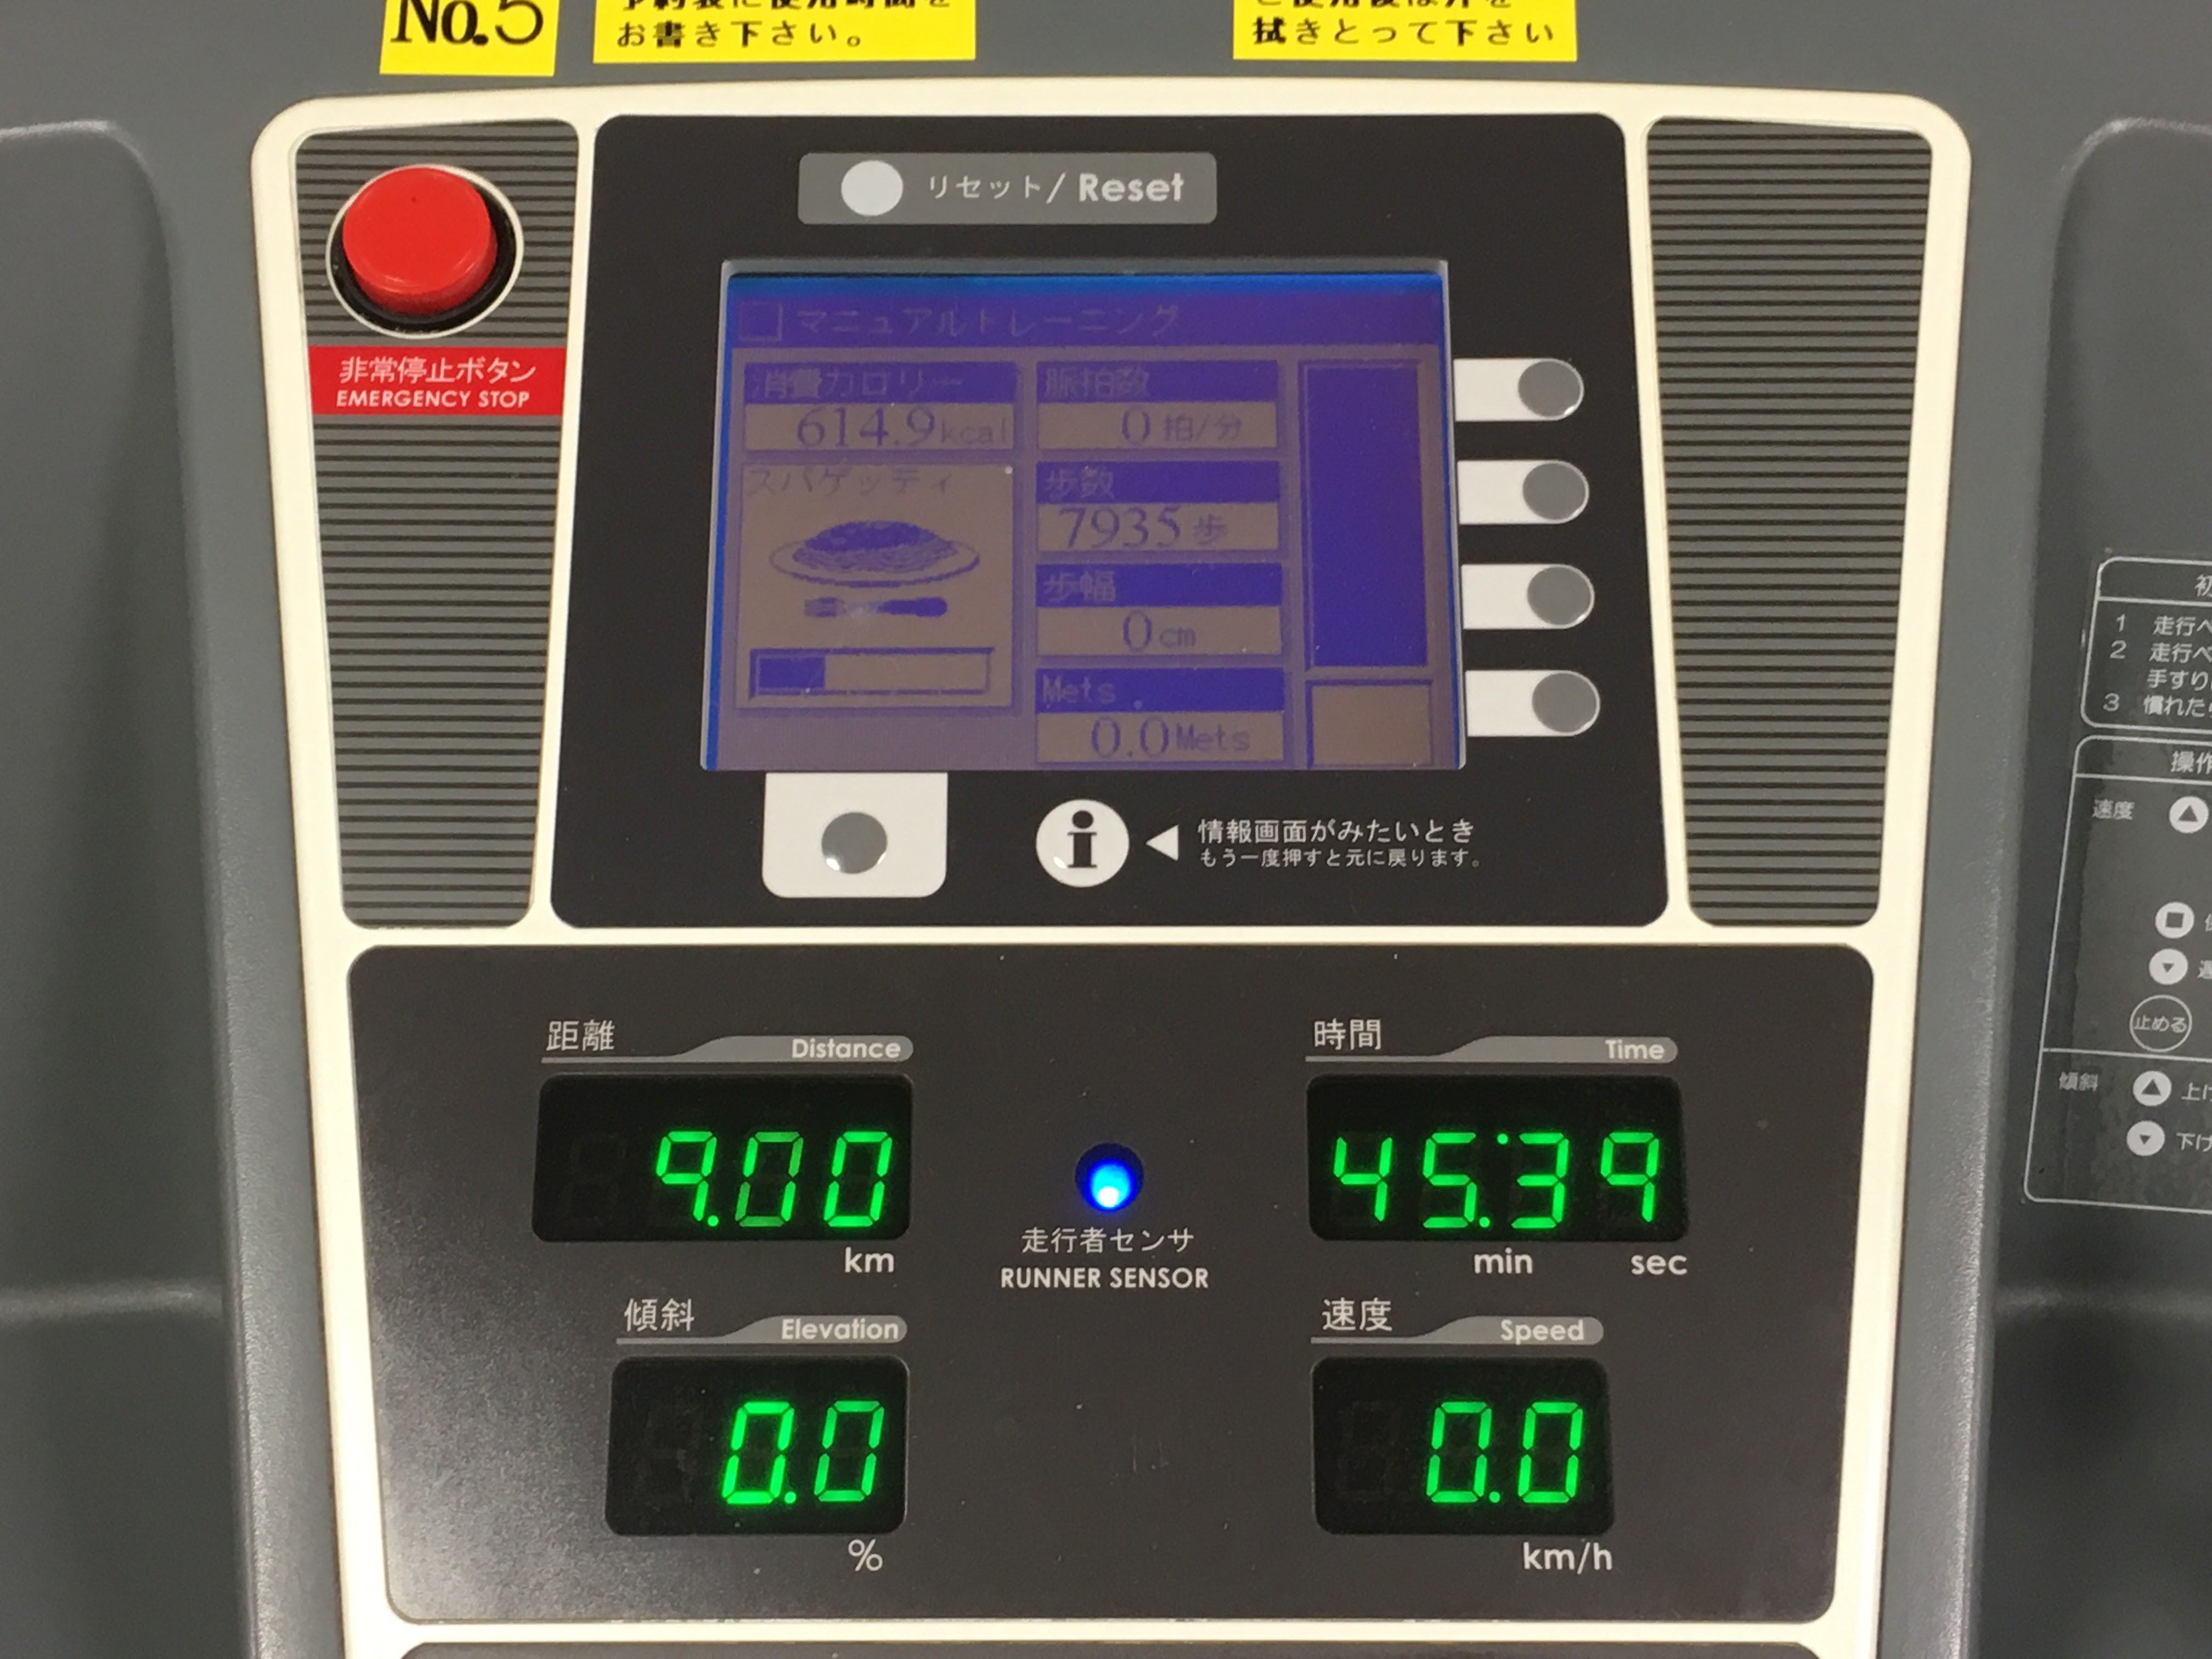 <東大式>マラソン最速メソッドを読んで、サブ3.5用にインターバル走の質を変えました!【東京マラソンまで58日】